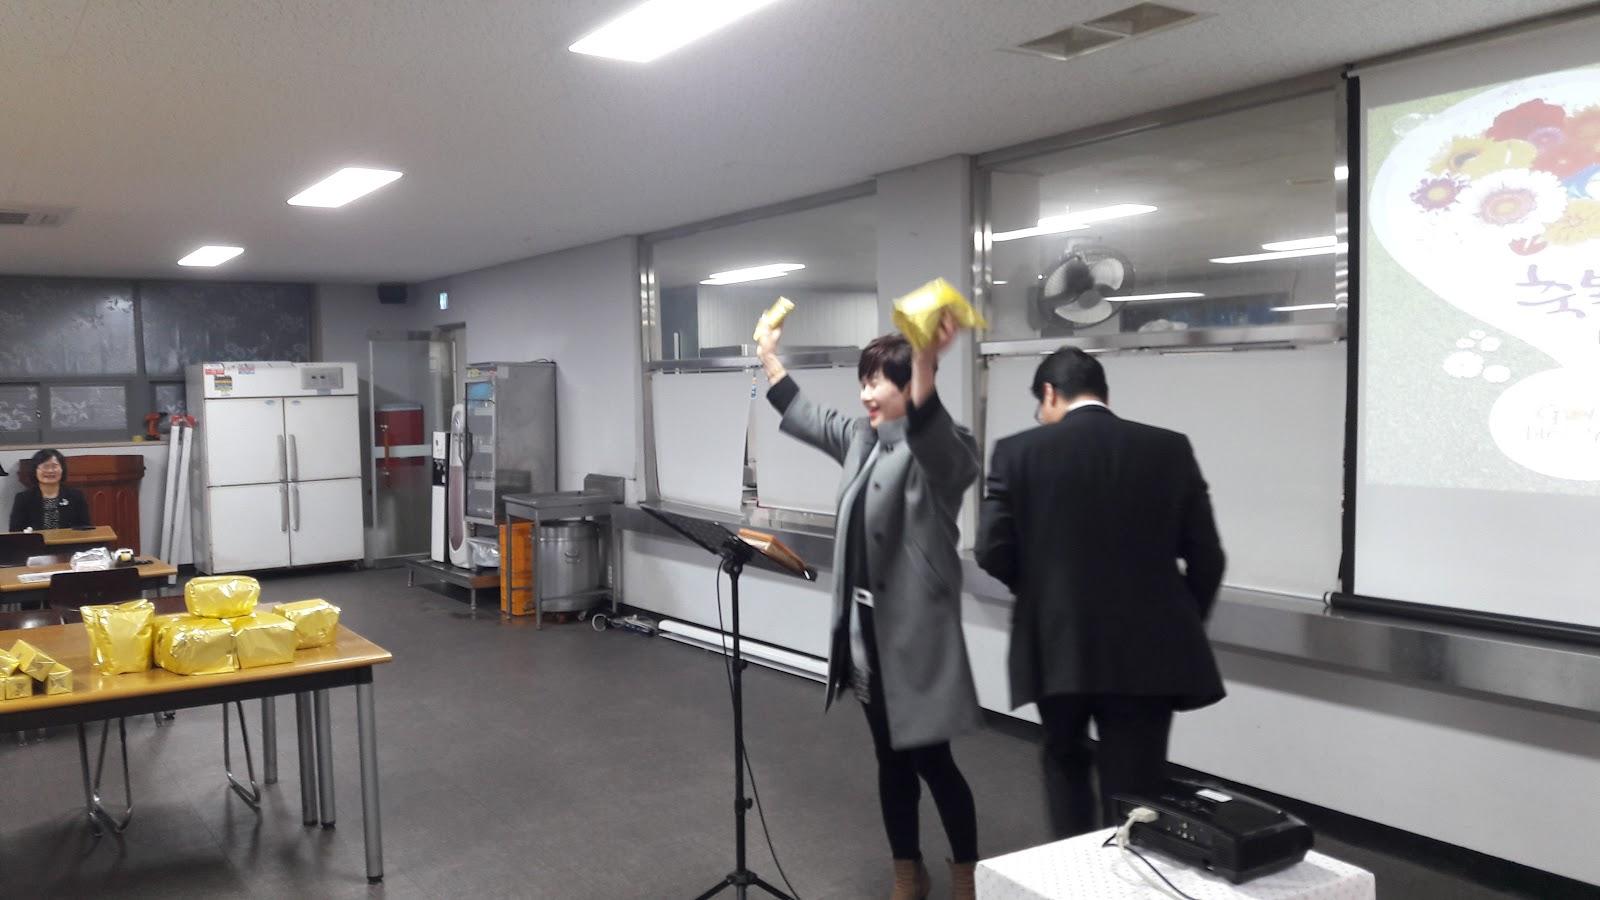 2017. 03. 12. 새가족 환영회 (3).jpg